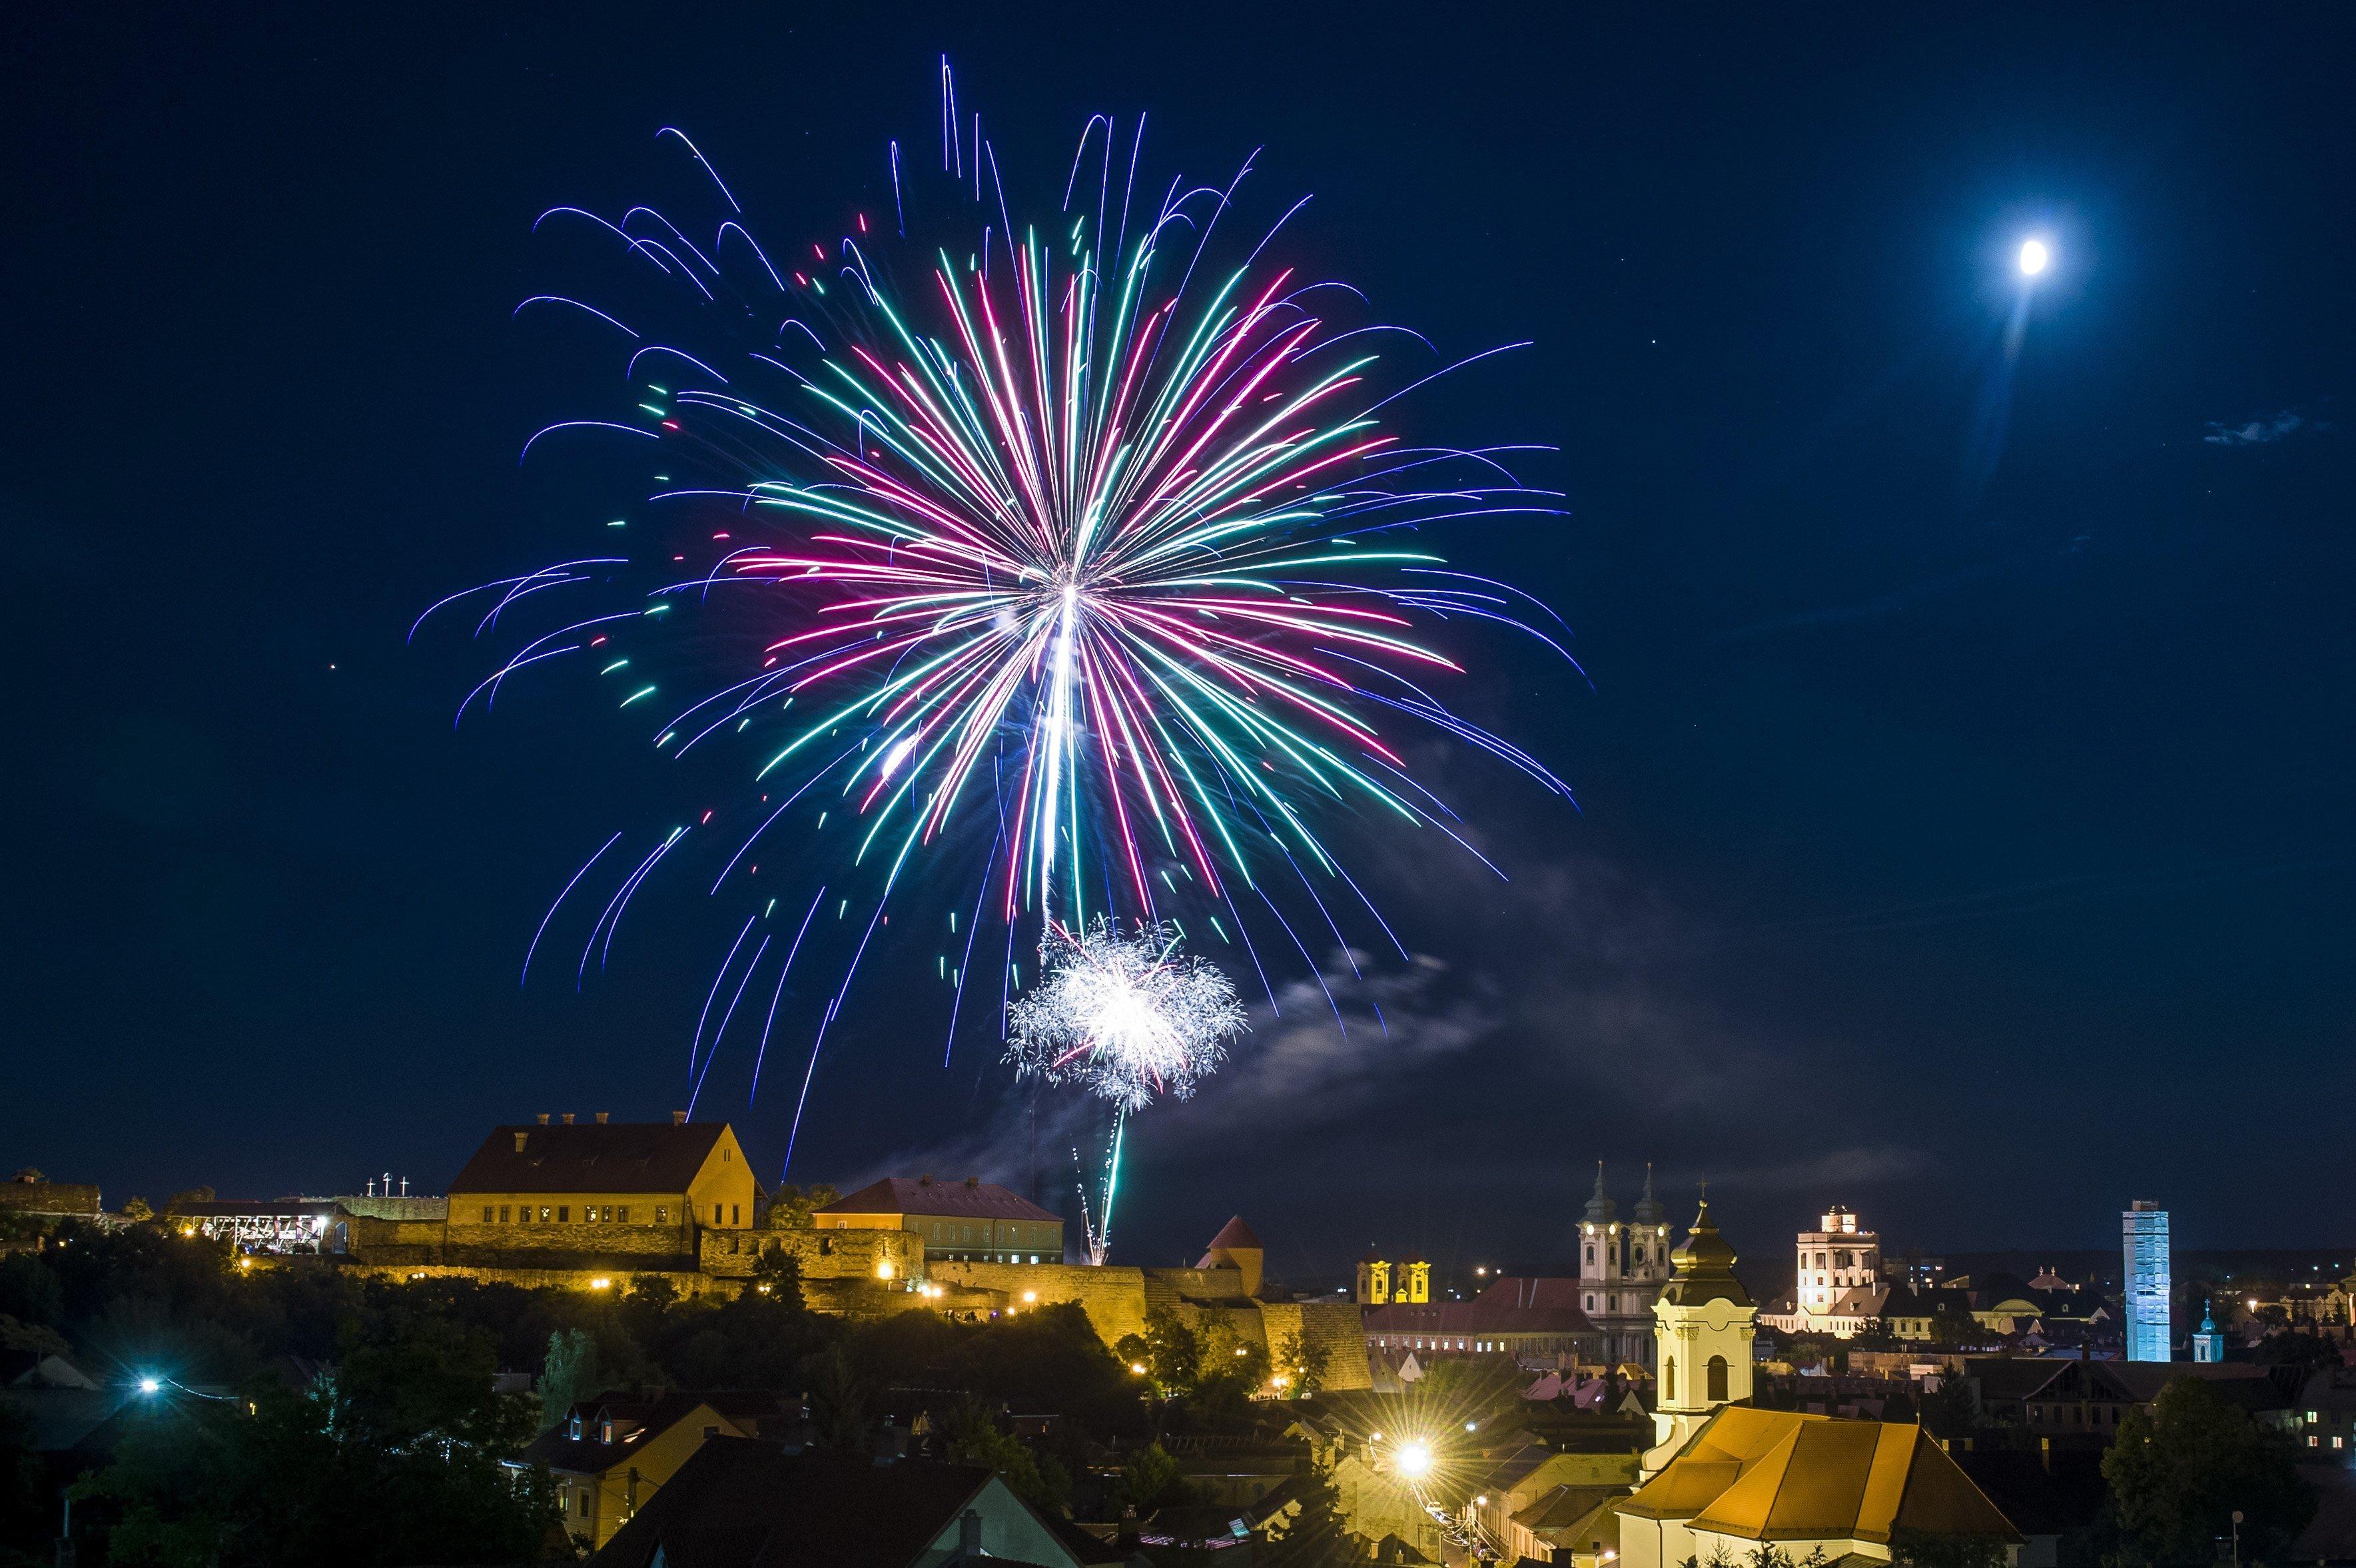 Négy tipp kutyásoknak az augusztus 20-i tűzijátékra